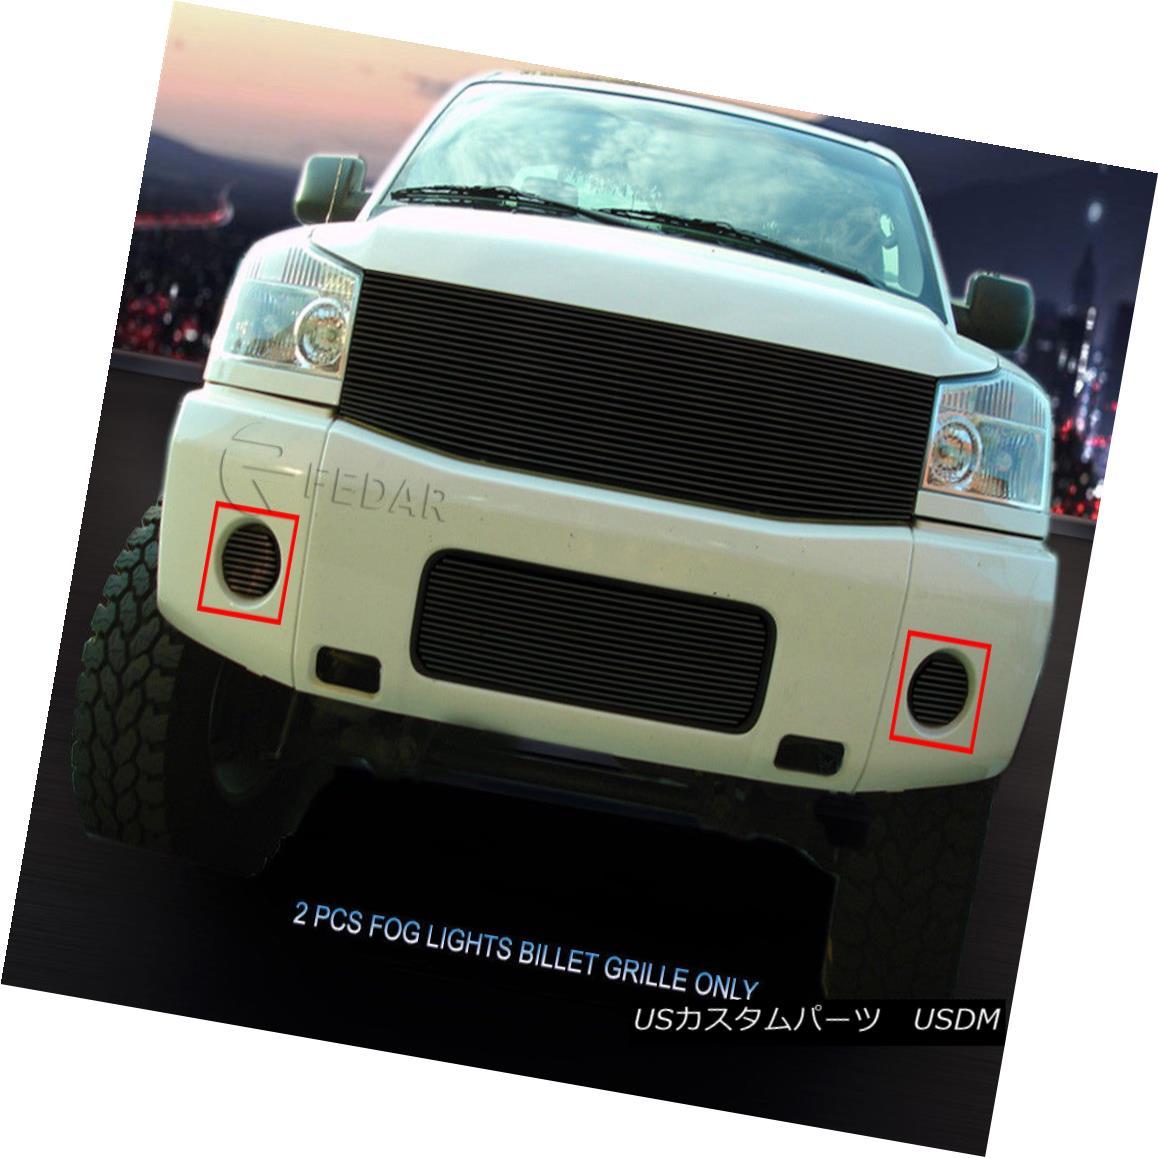 グリル Fedar Fits 04-07 Nissan Titan/Armada Black Billet Grille Overlay Fedar Fits 04-07 Nissan Titan / Armada Black Billetグリルオーバーレイ